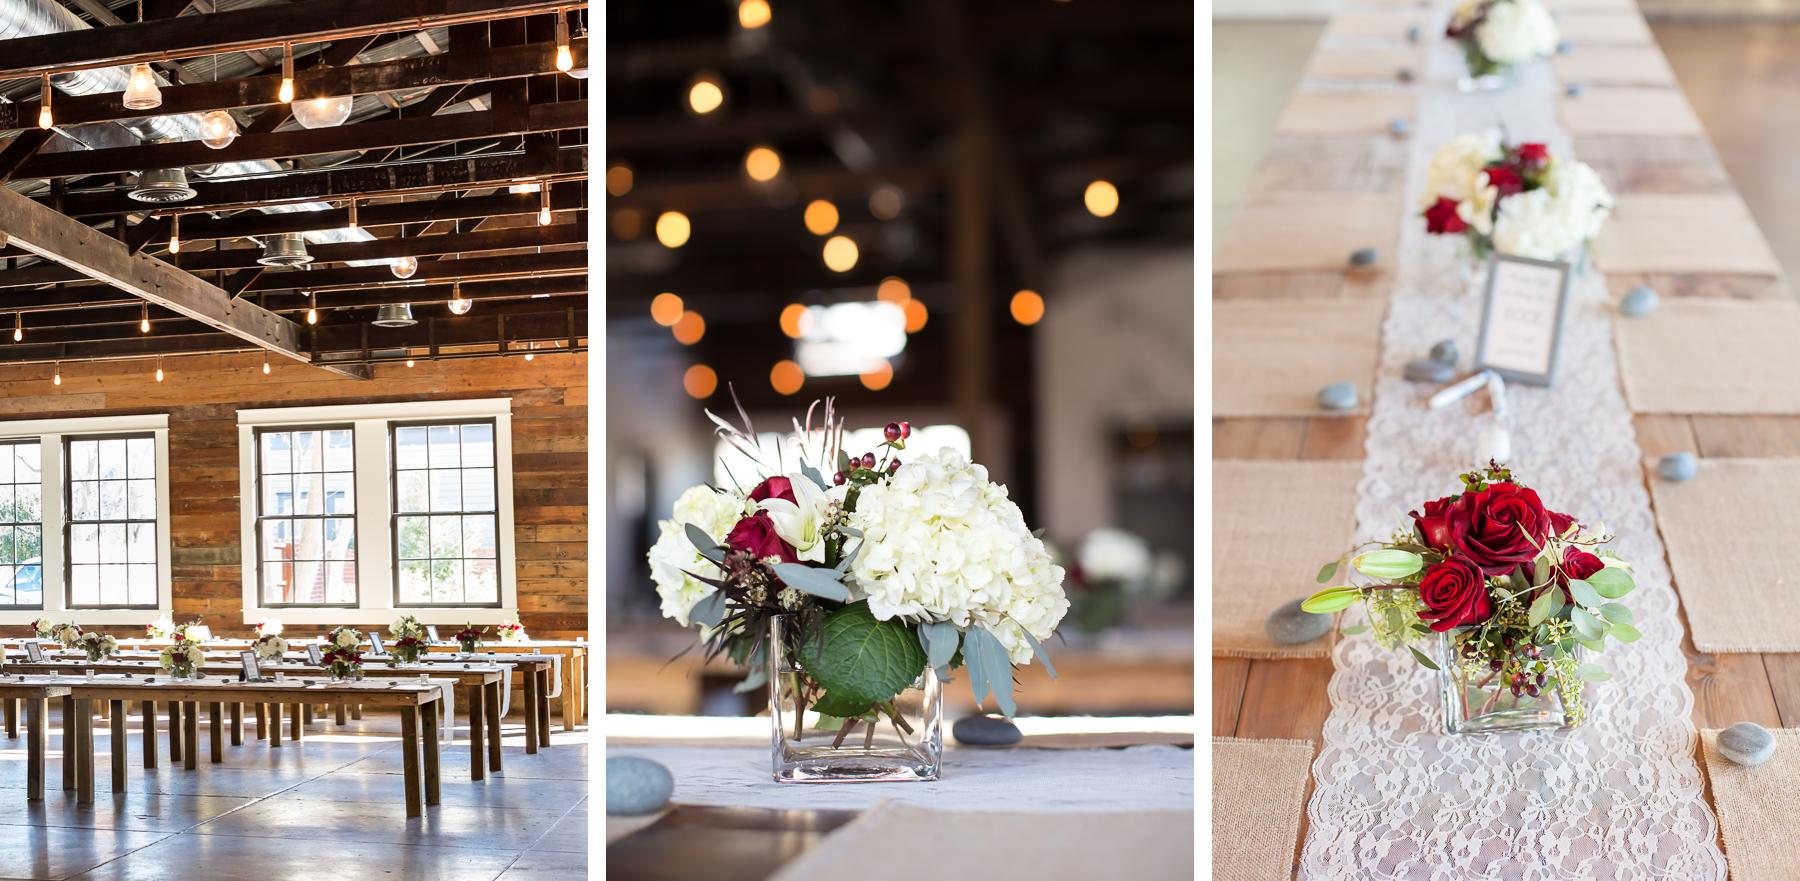 union-on-eighth-georgetown-wedding-reception.jpg